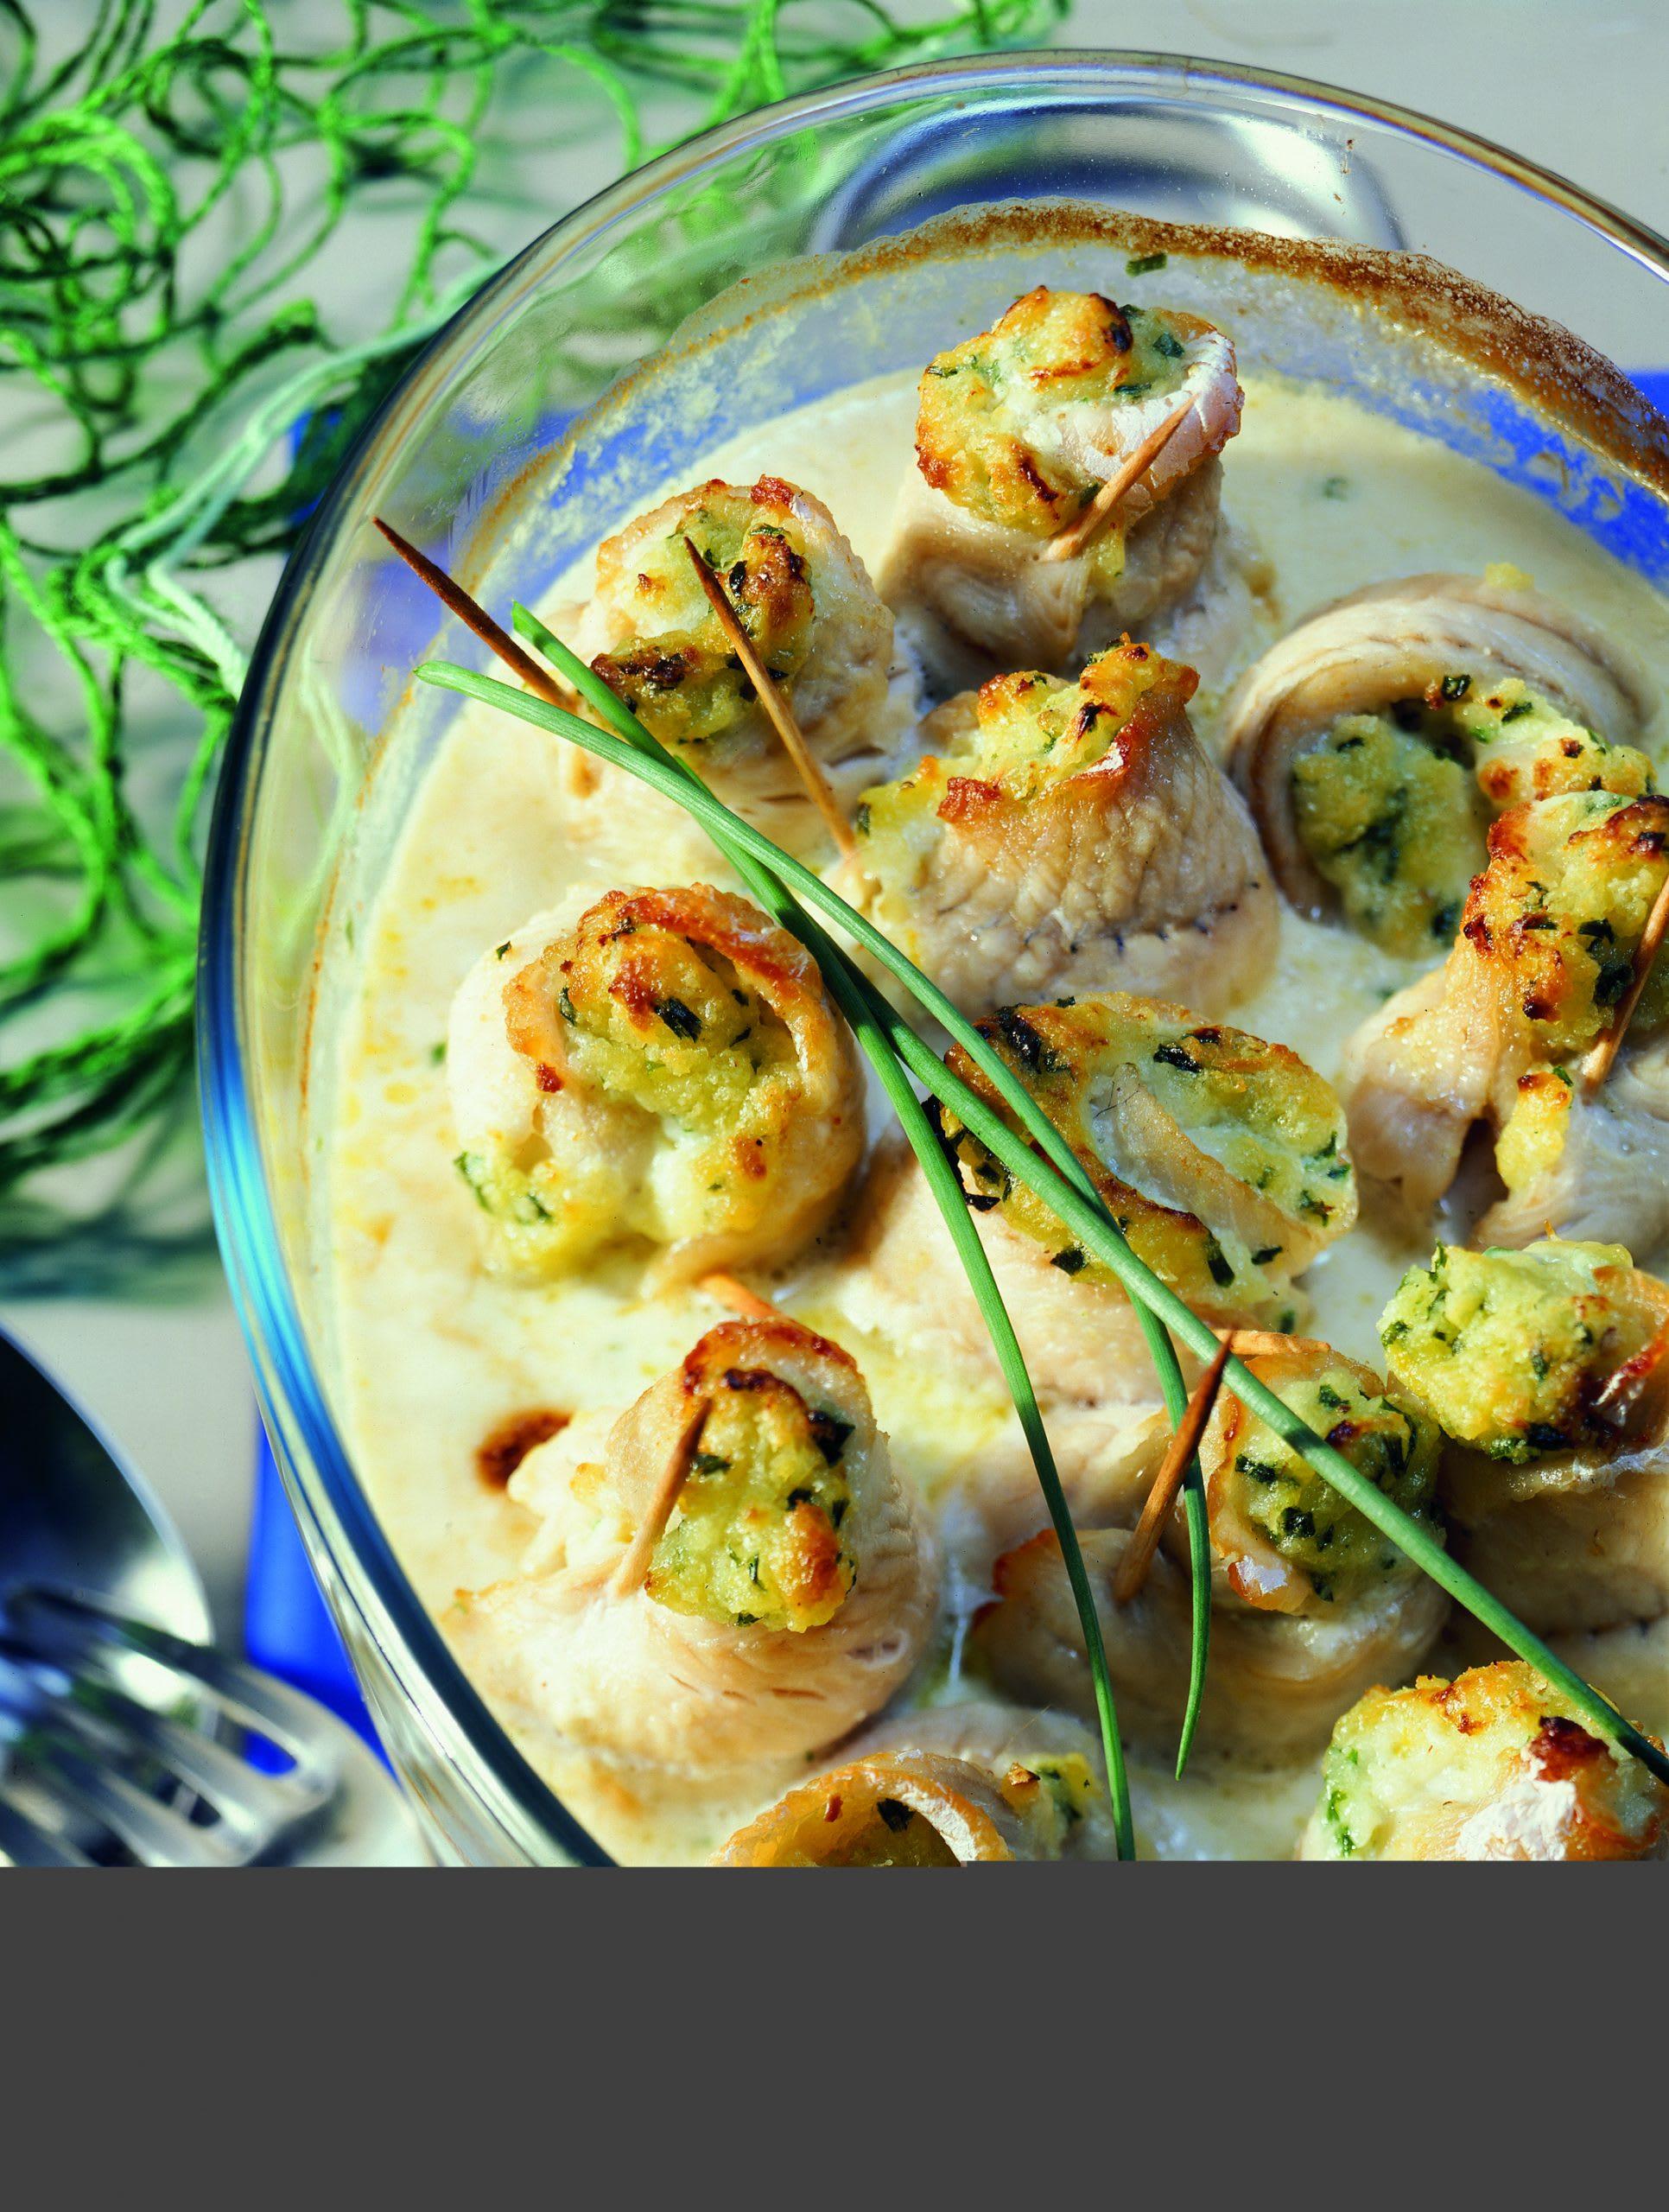 Paupiettes de poisson gratinées